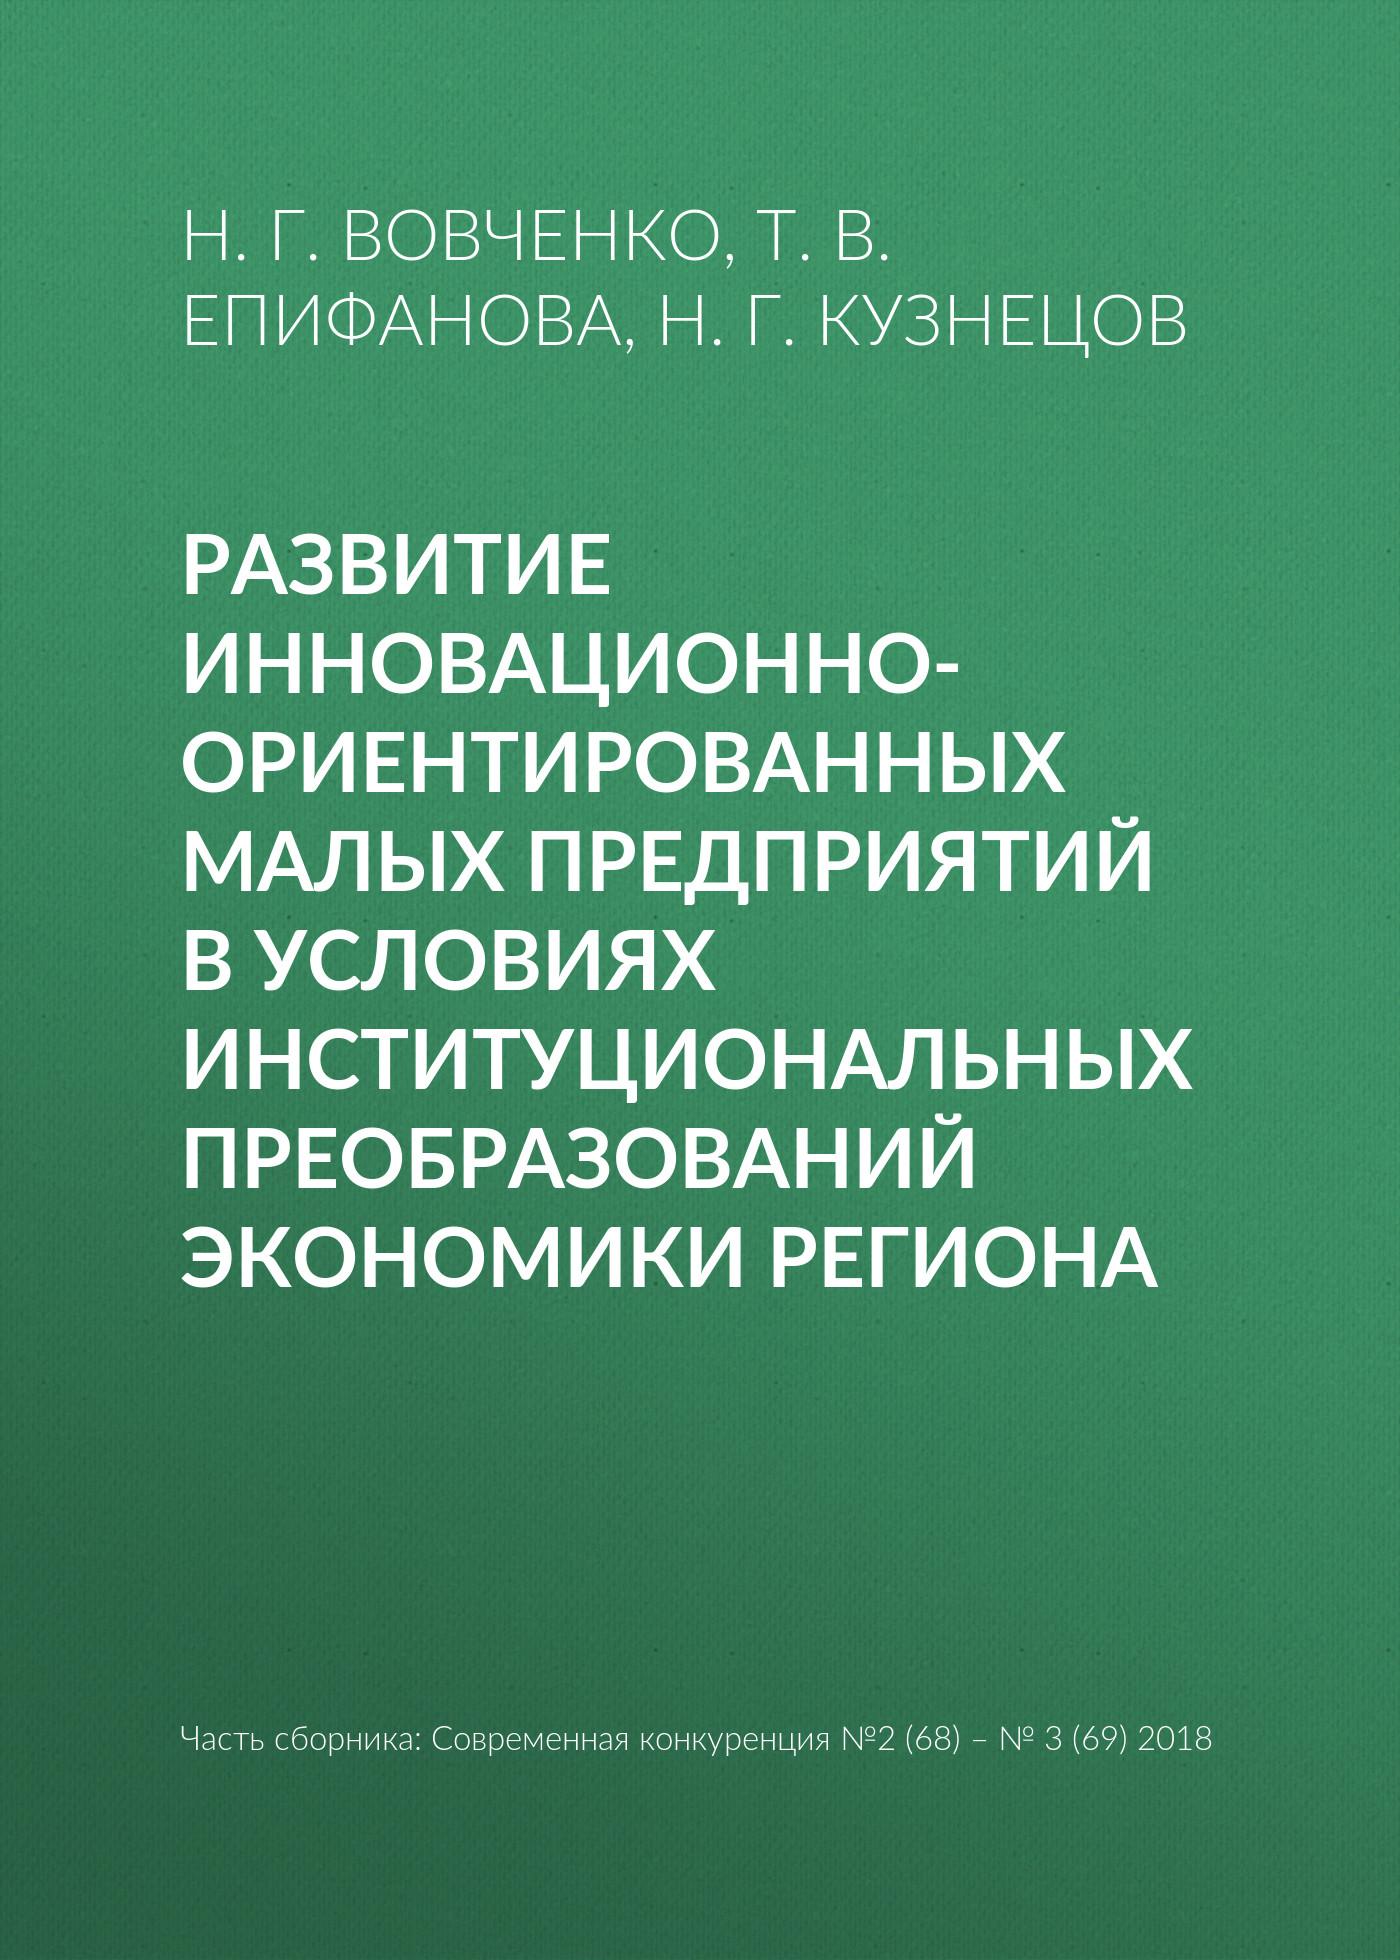 Н. Г. Кузнецов Развитие инновационно-ориентированных малых предприятий в условиях институциональных преобразований экономики региона liyu pm pittman motor printer parts